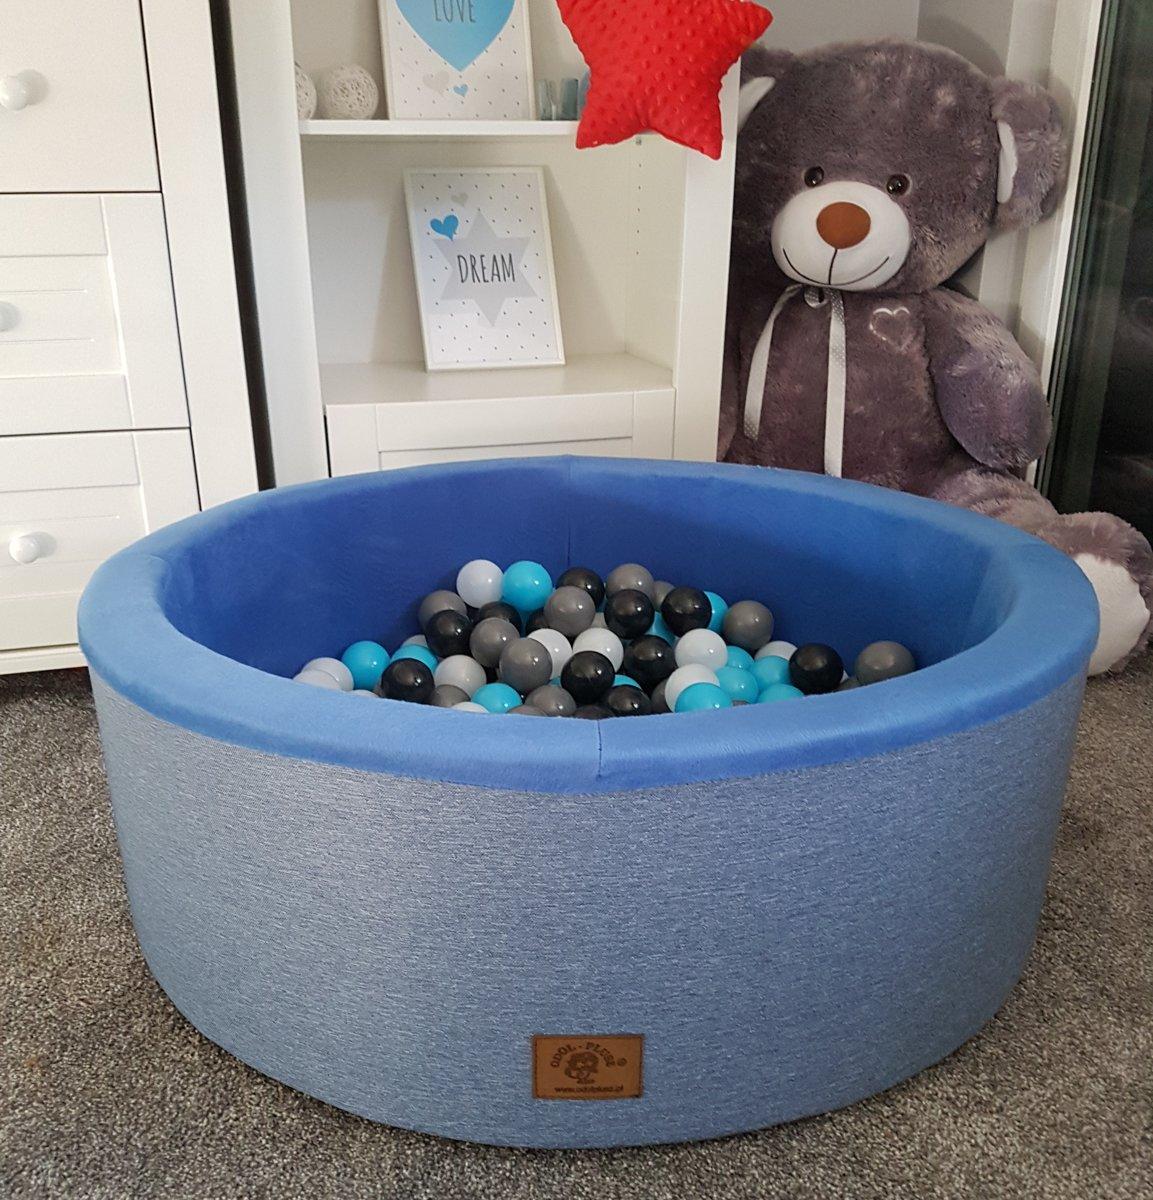 Ballenbak - stevige ballenbad - 90 x 40 cm - 200 ballen - wit, grijs, zwart, lichtblauw